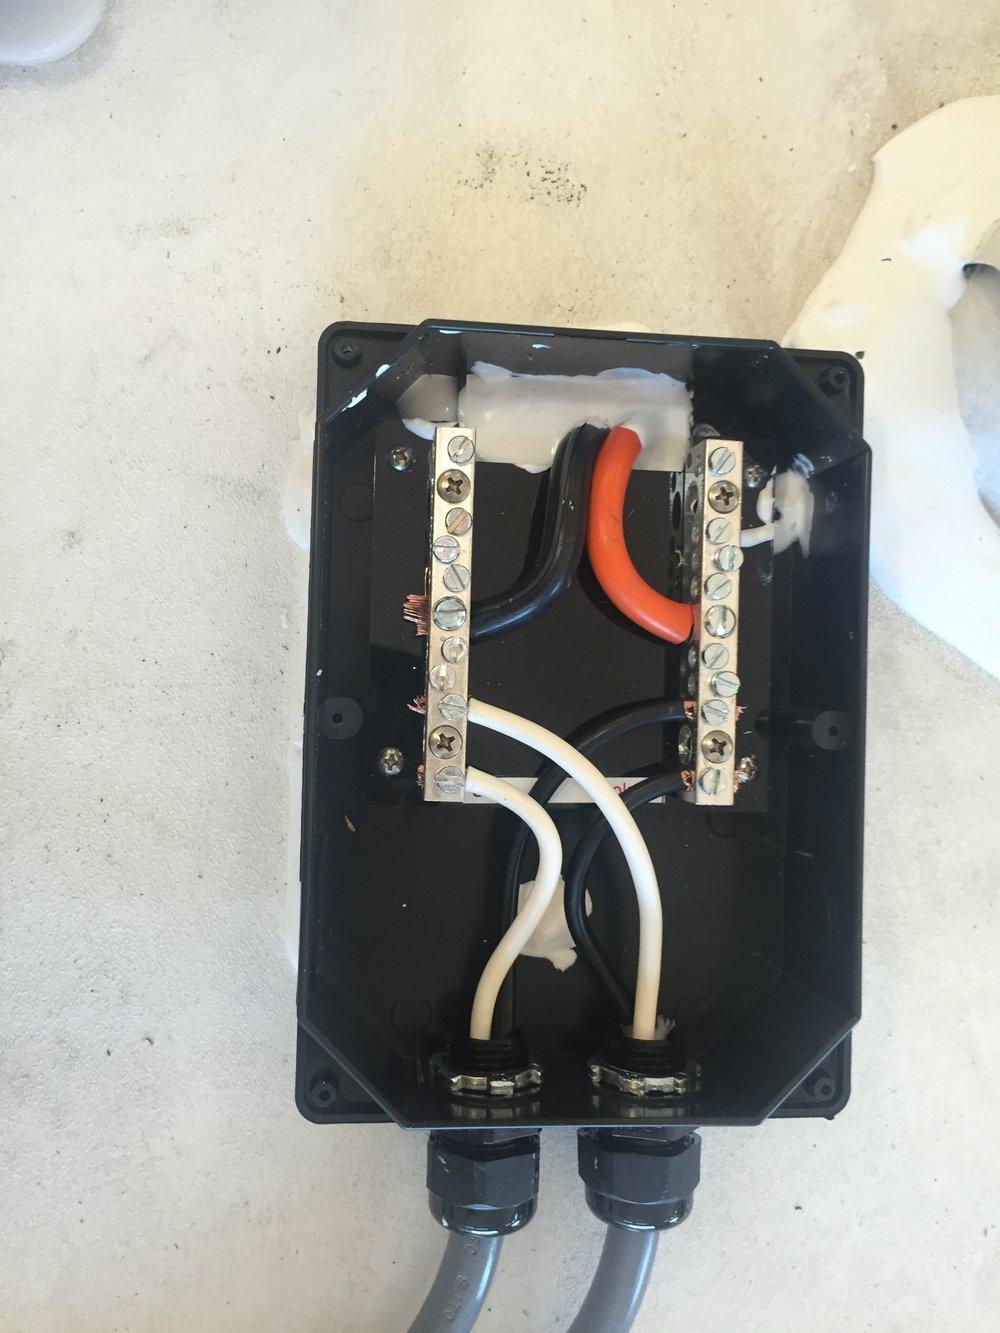 Combiner Box interior